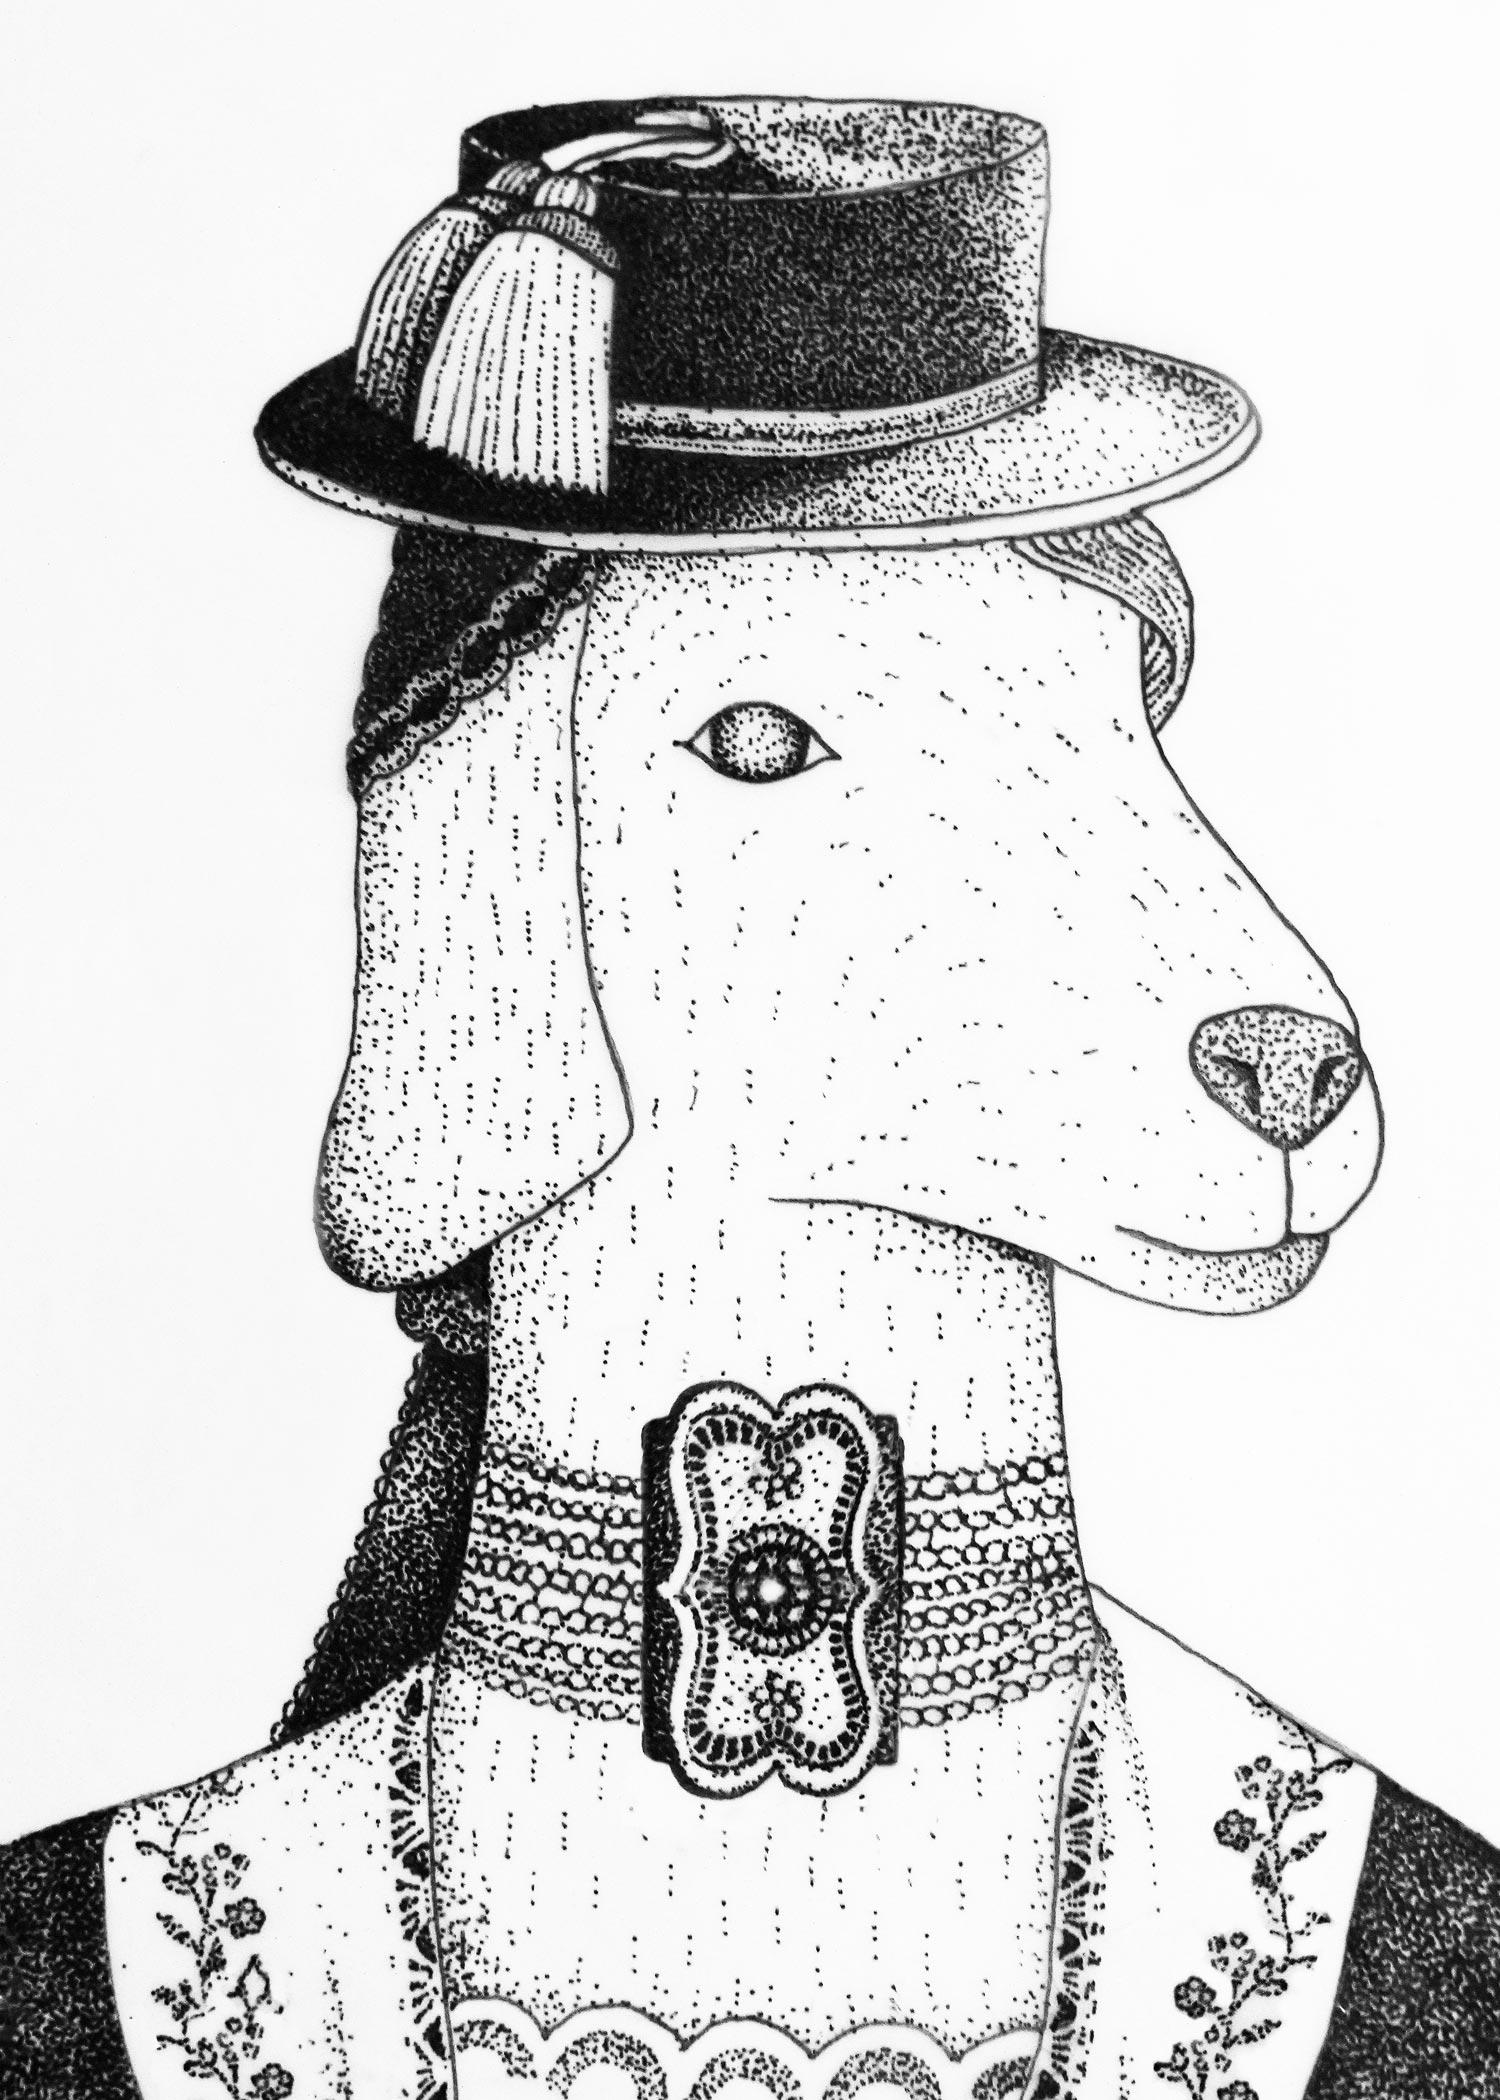 Vogl_Illustration1.jpg